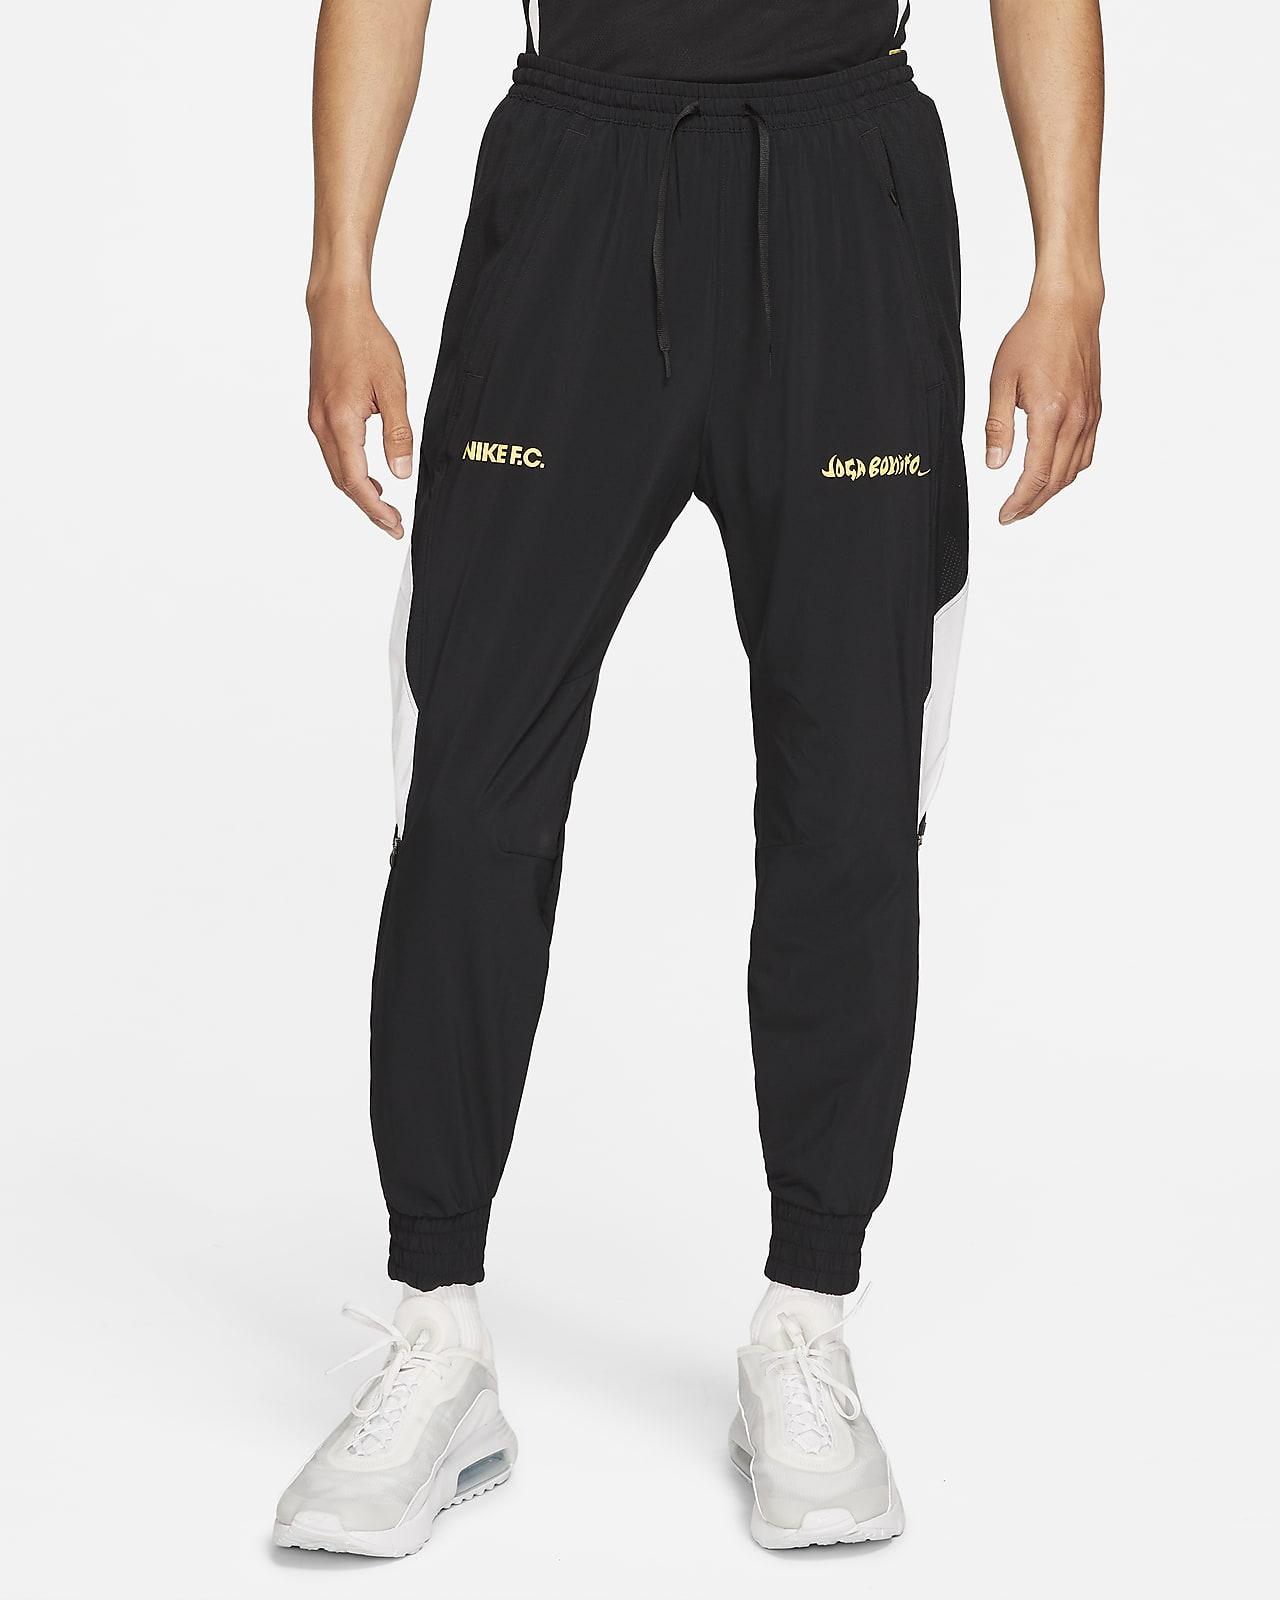 กางเกงวอร์มฟุตบอลแบบทอผู้ชาย Nike F.C.